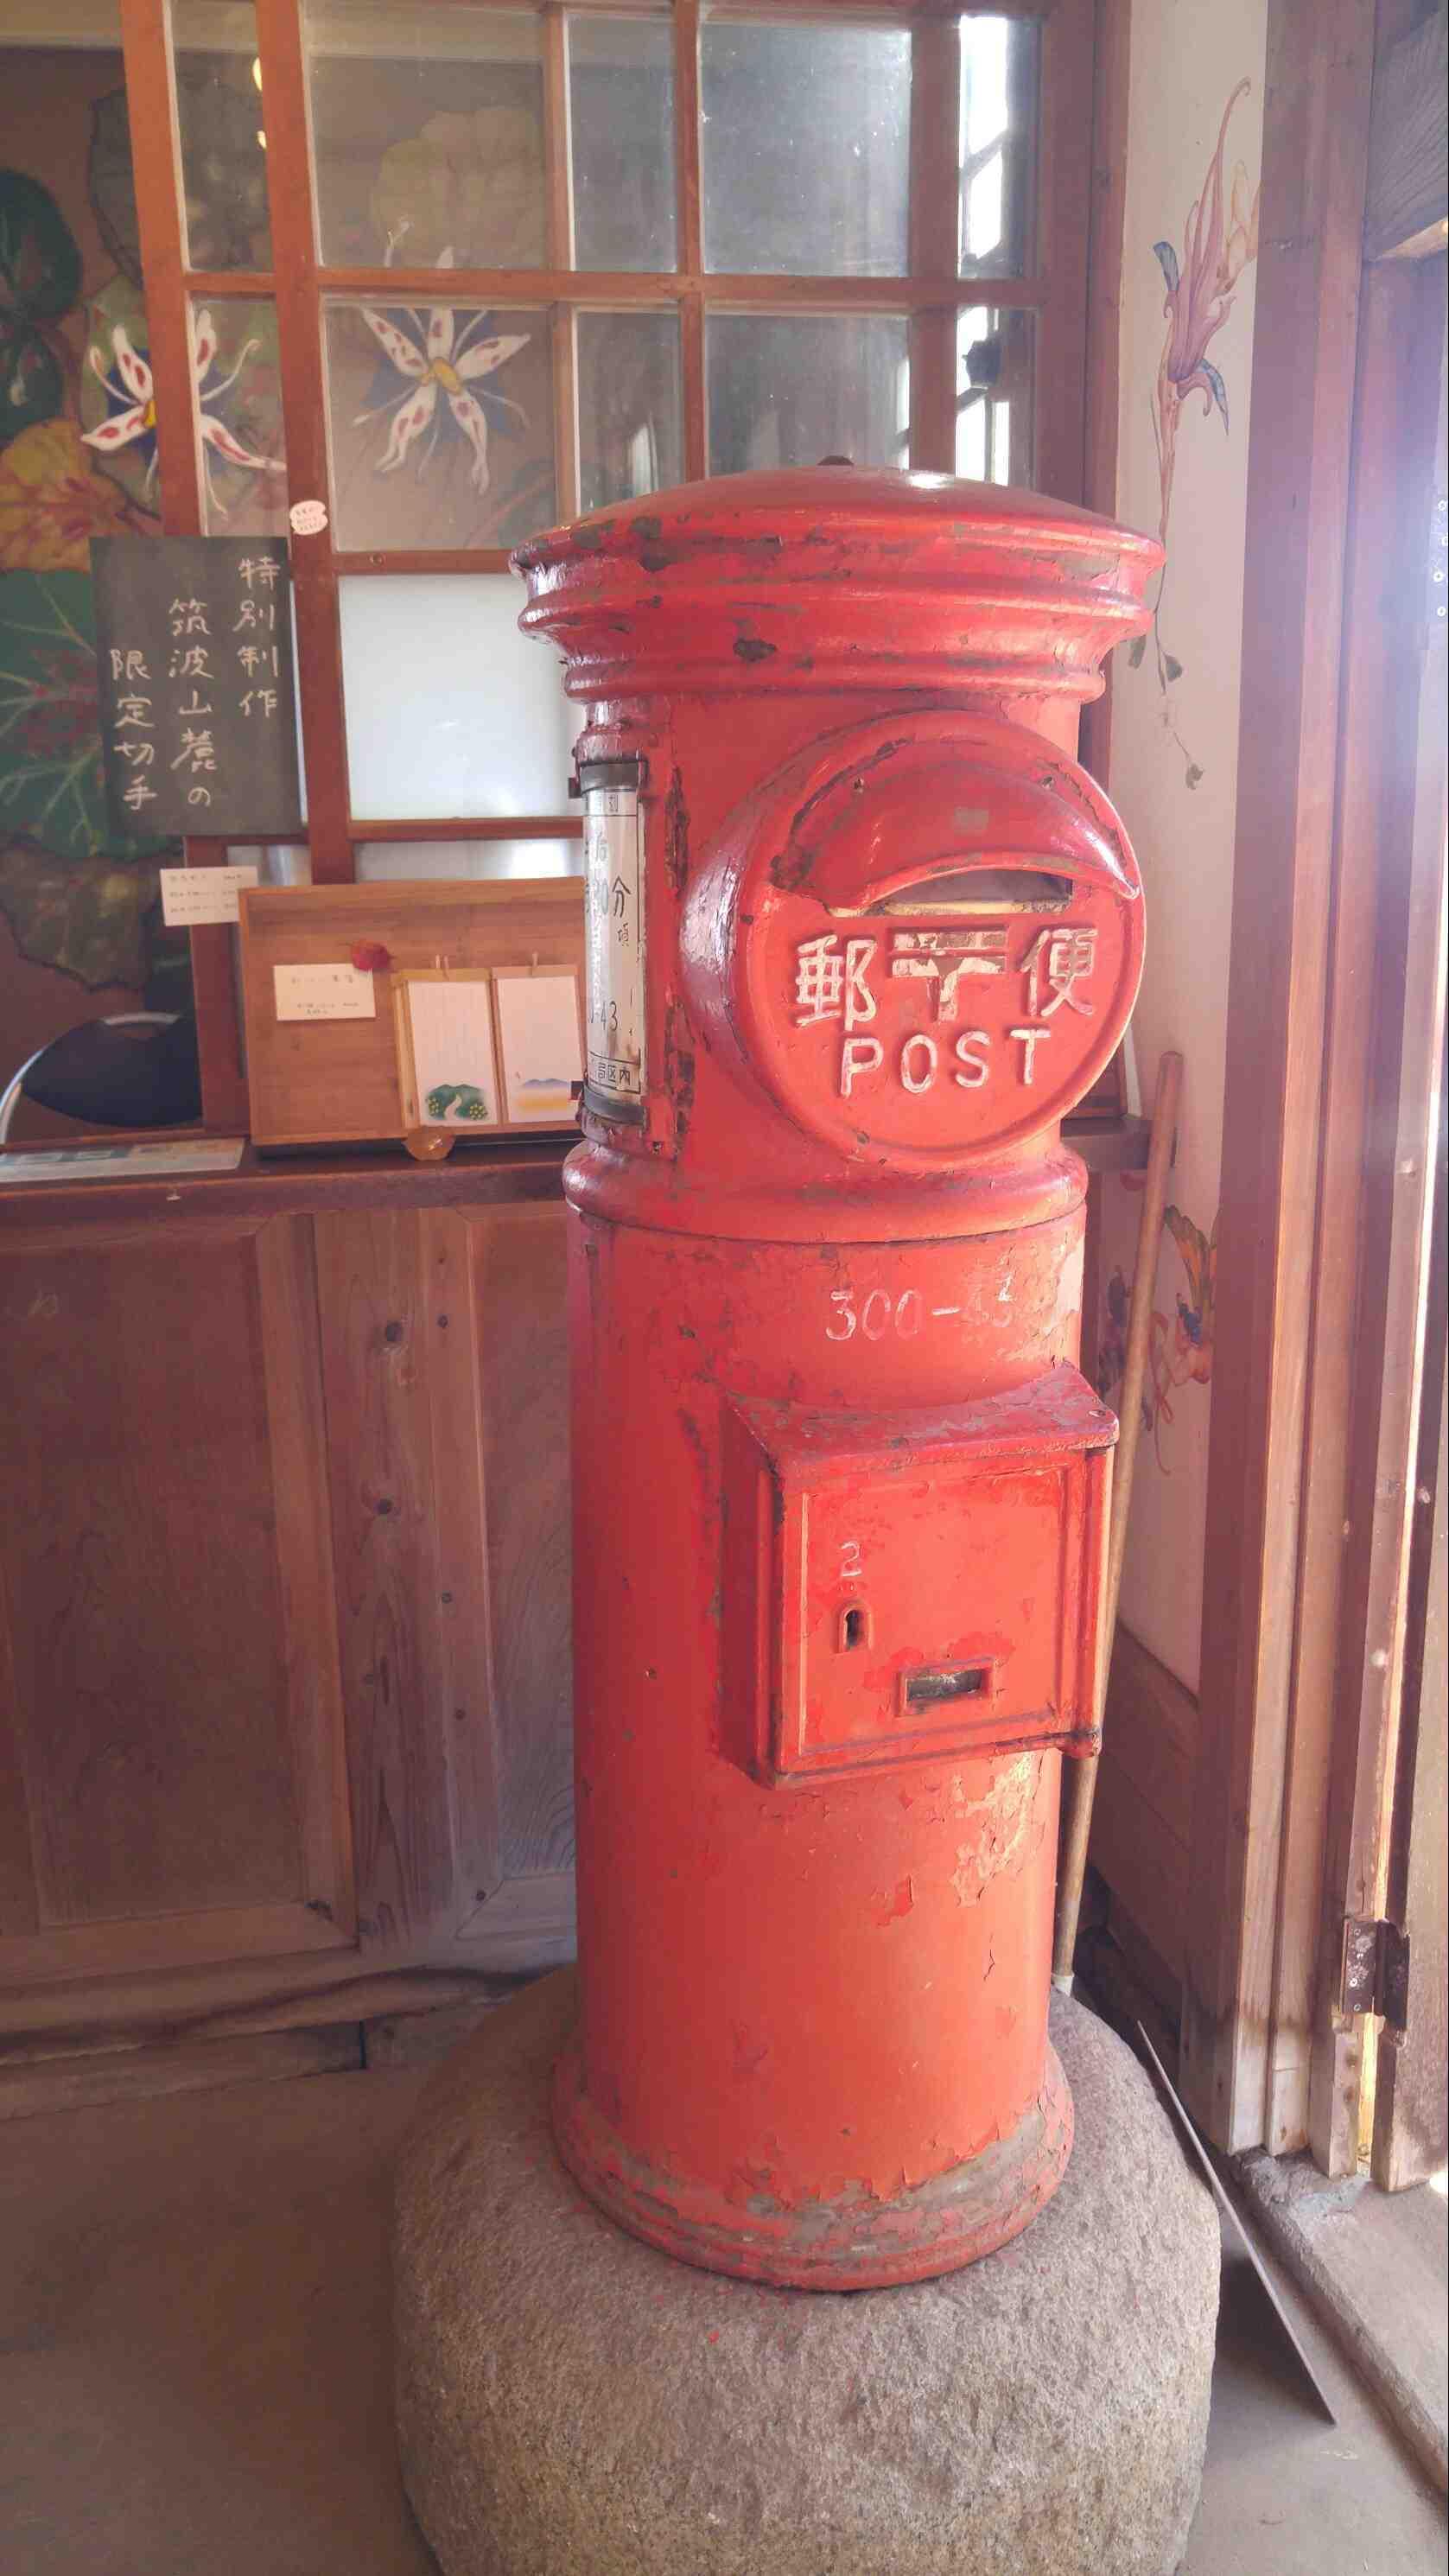 2 旧筑波山郵便局 春のふみの日_e0259870_17490767.jpg